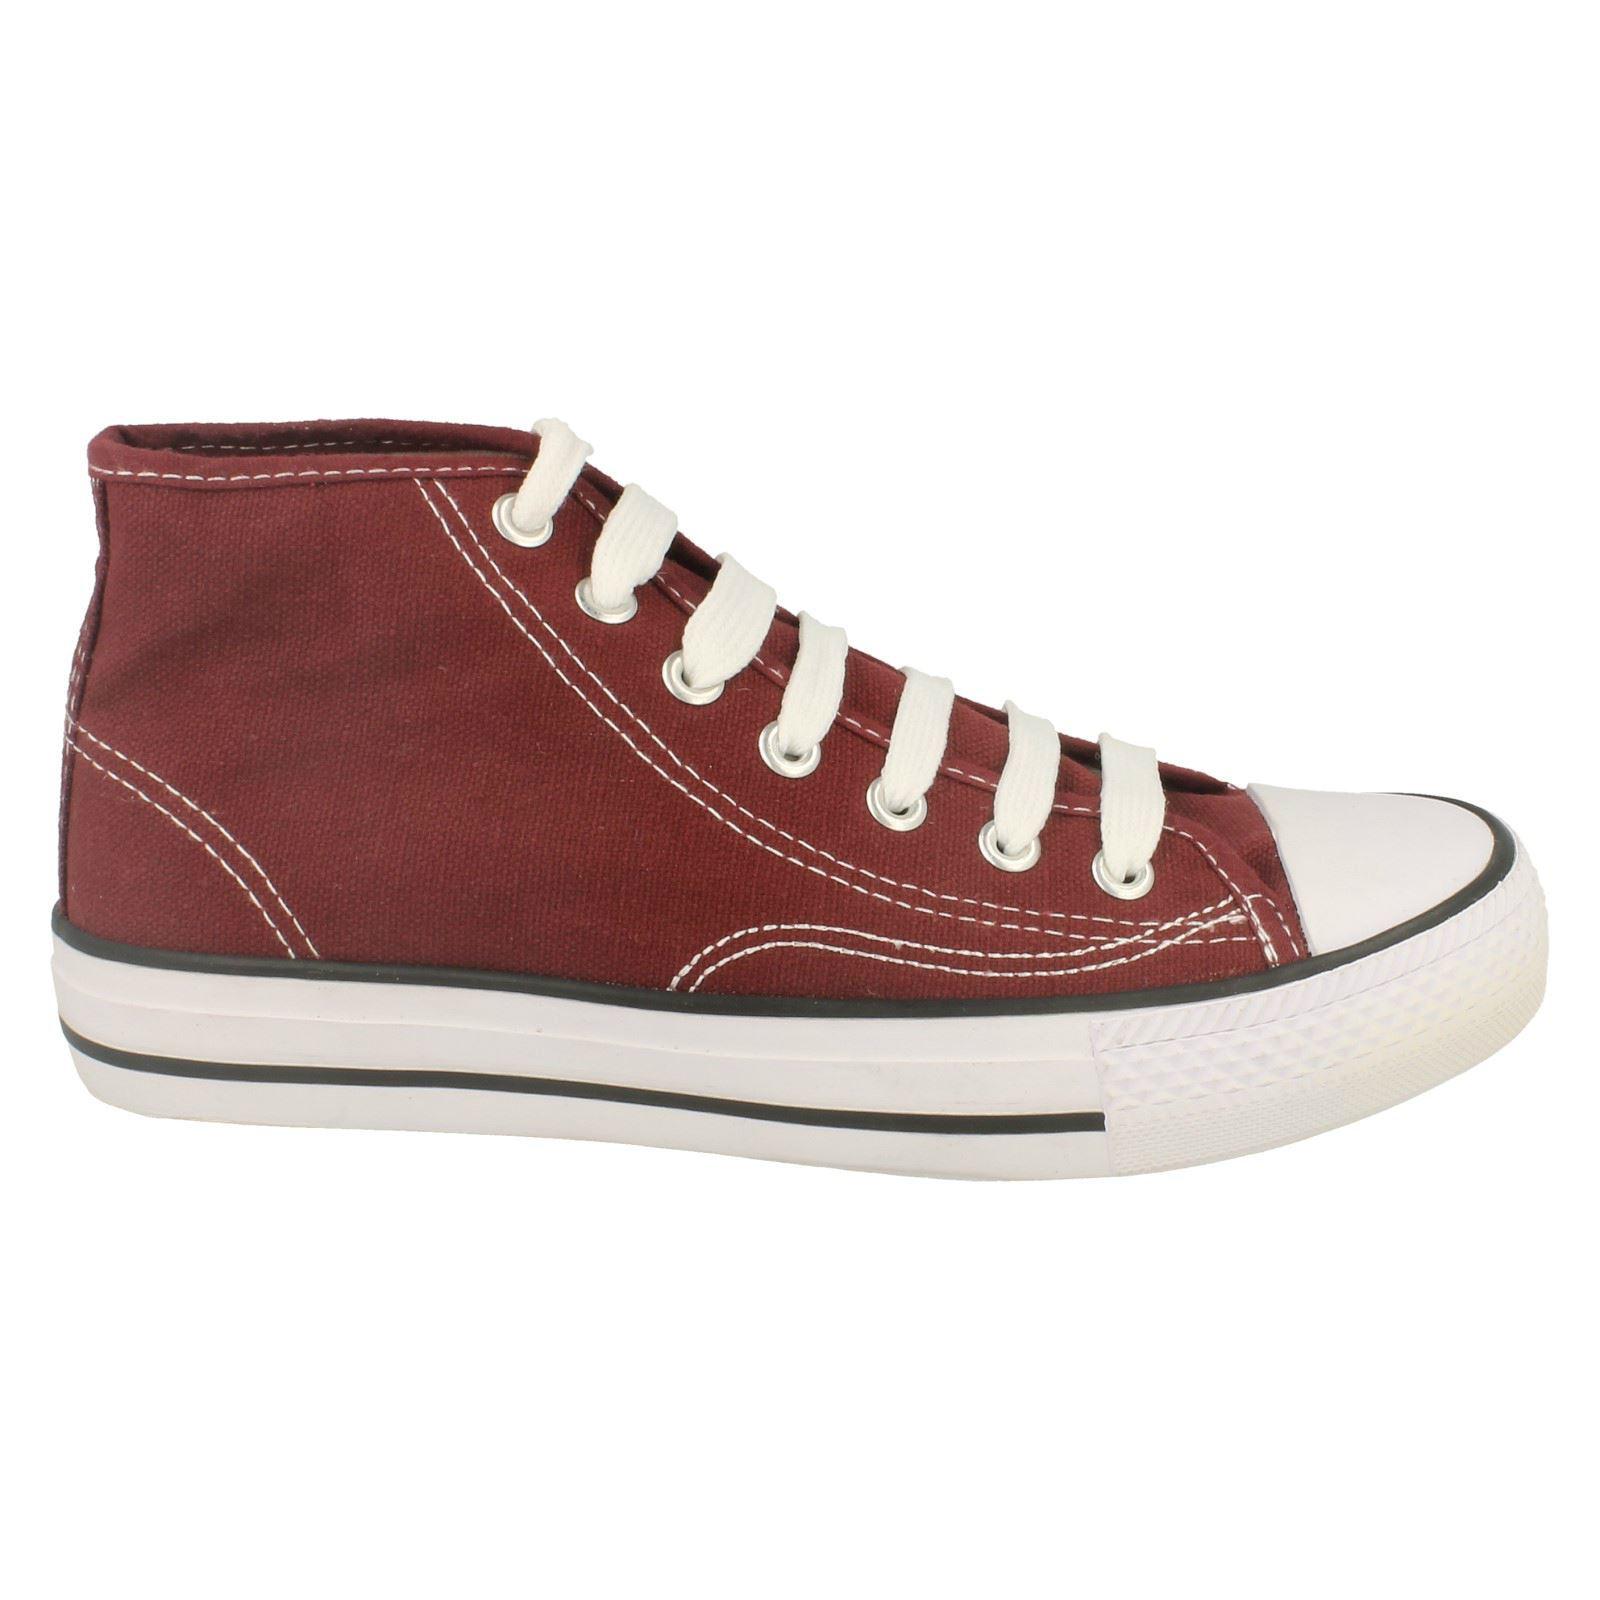 Spot-On-Chaussures-hautes-en-toile-Homme-KM565 miniature 13